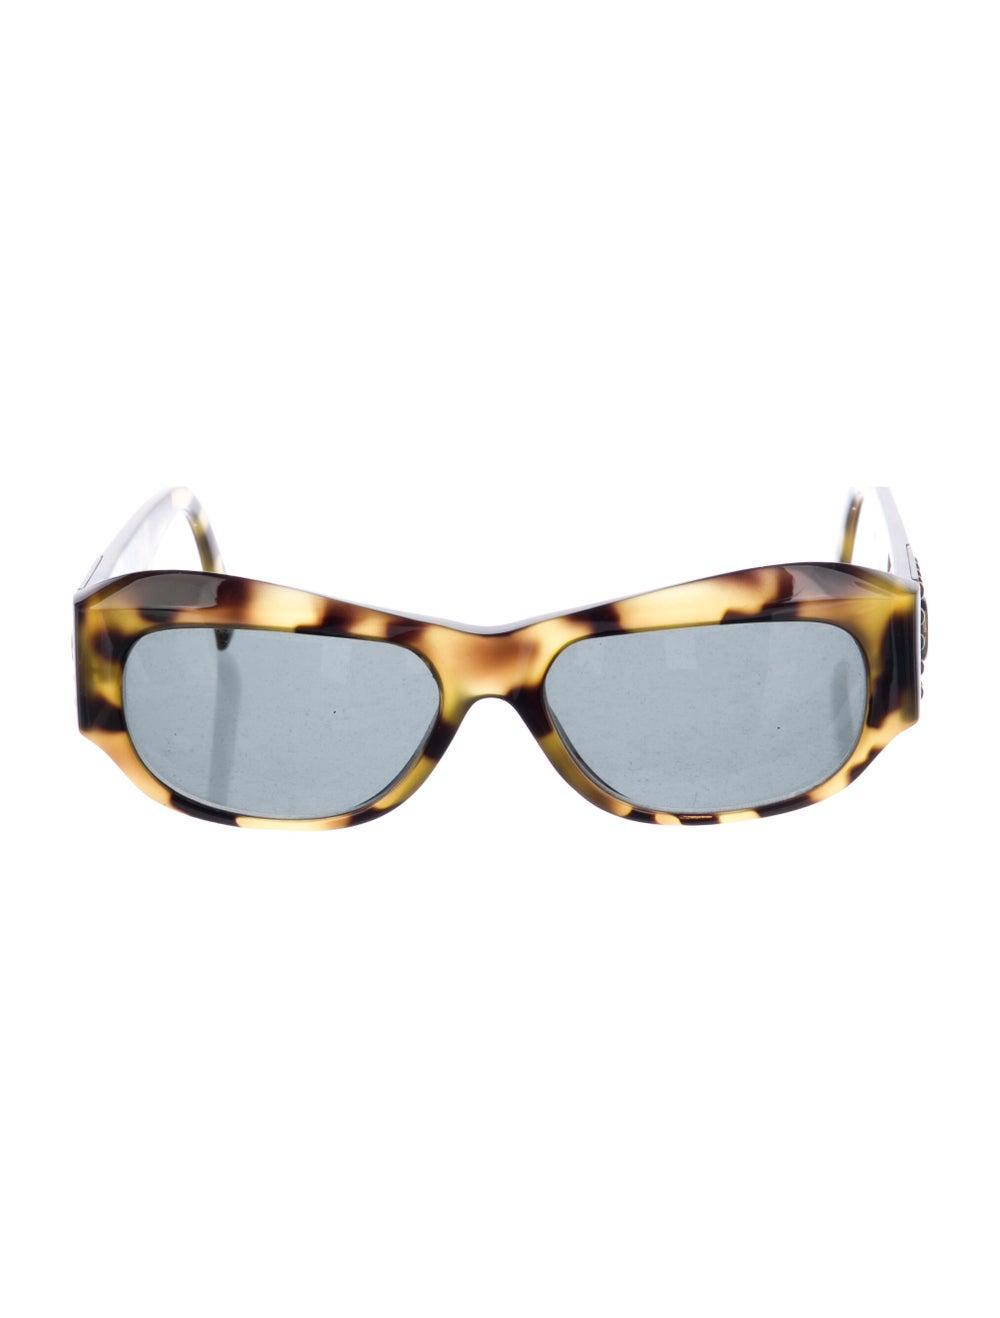 Gianni Versace Cat-Eye Mirrored Sunglasses Brown - image 1